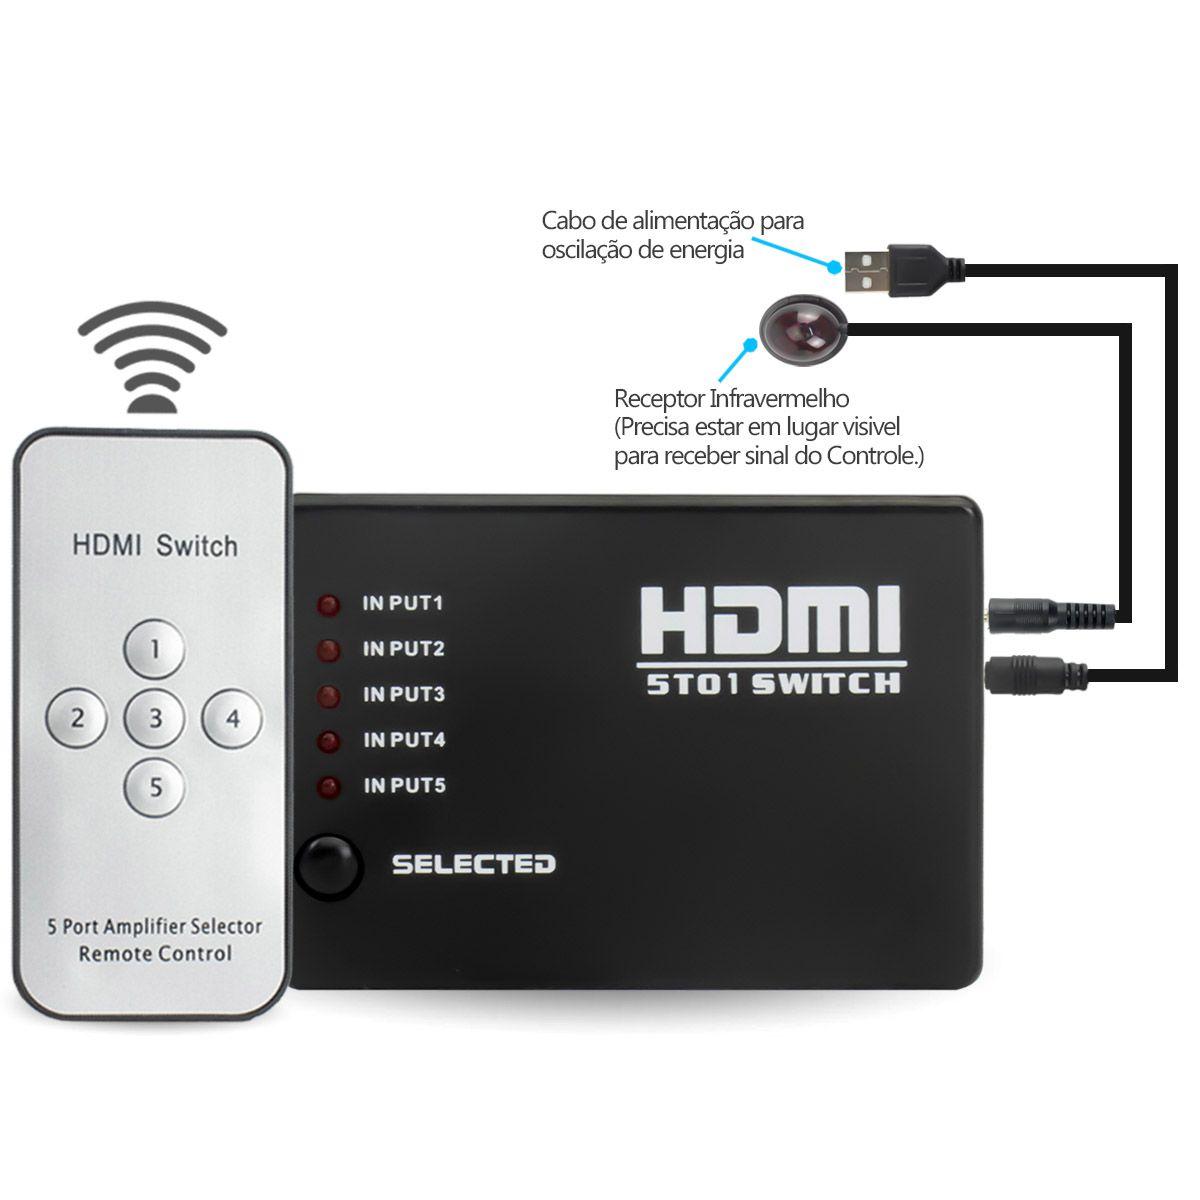 Switch HDMI 5 Entradas x 1 Saida com Controle Remoto e Extensor + Cabo USB DC + 6 Cabos hdmi de 1,5 Metro